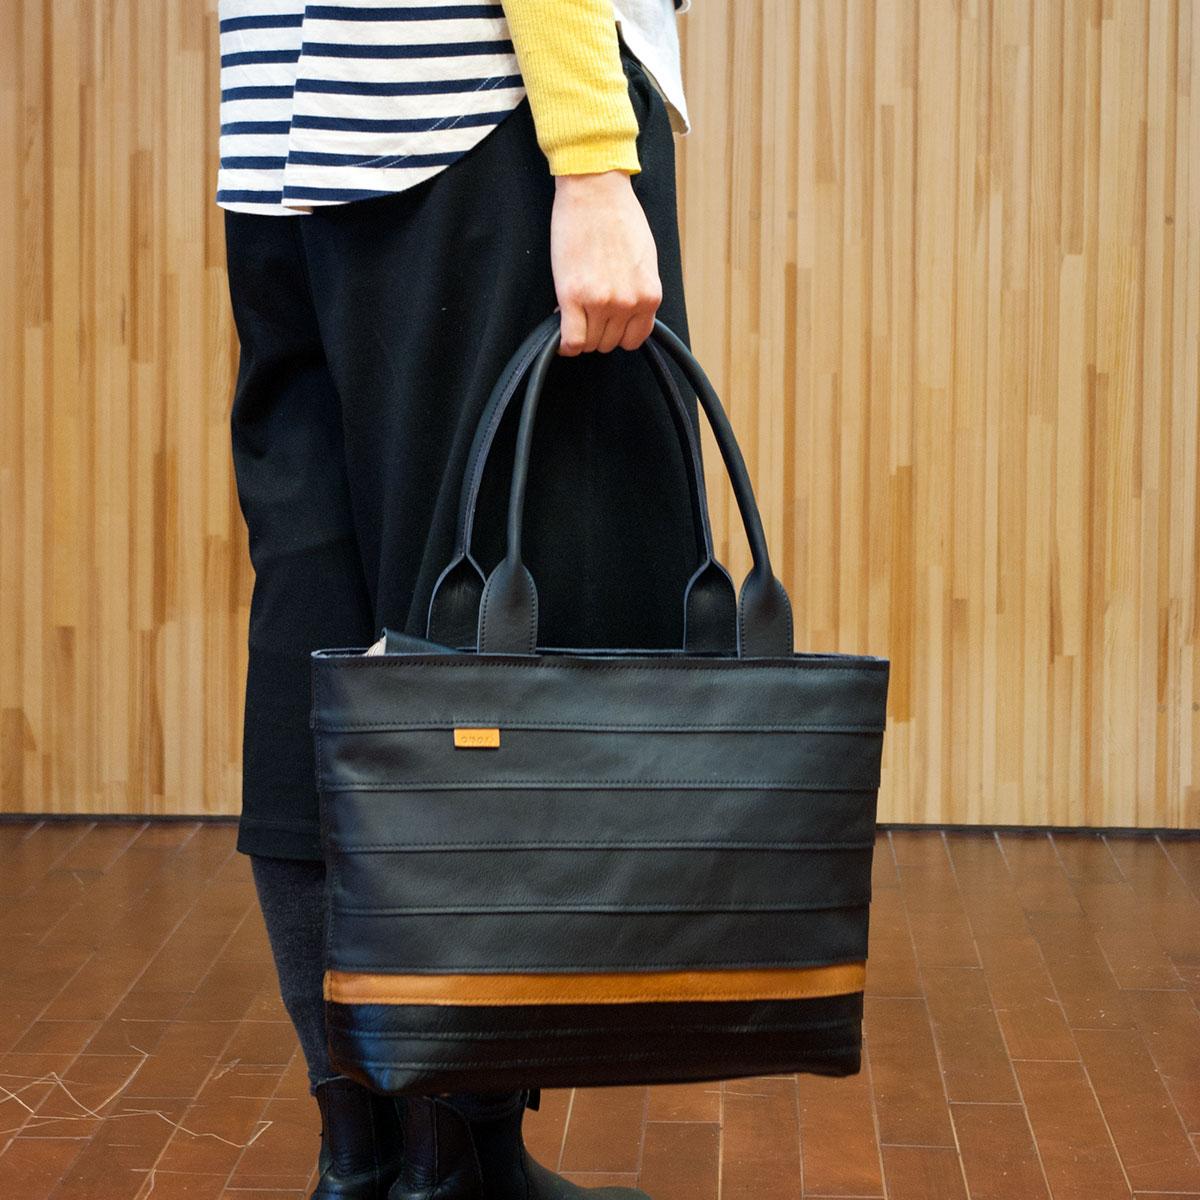 絶妙な色合、ボーダーレザートートバッグが出来ました。